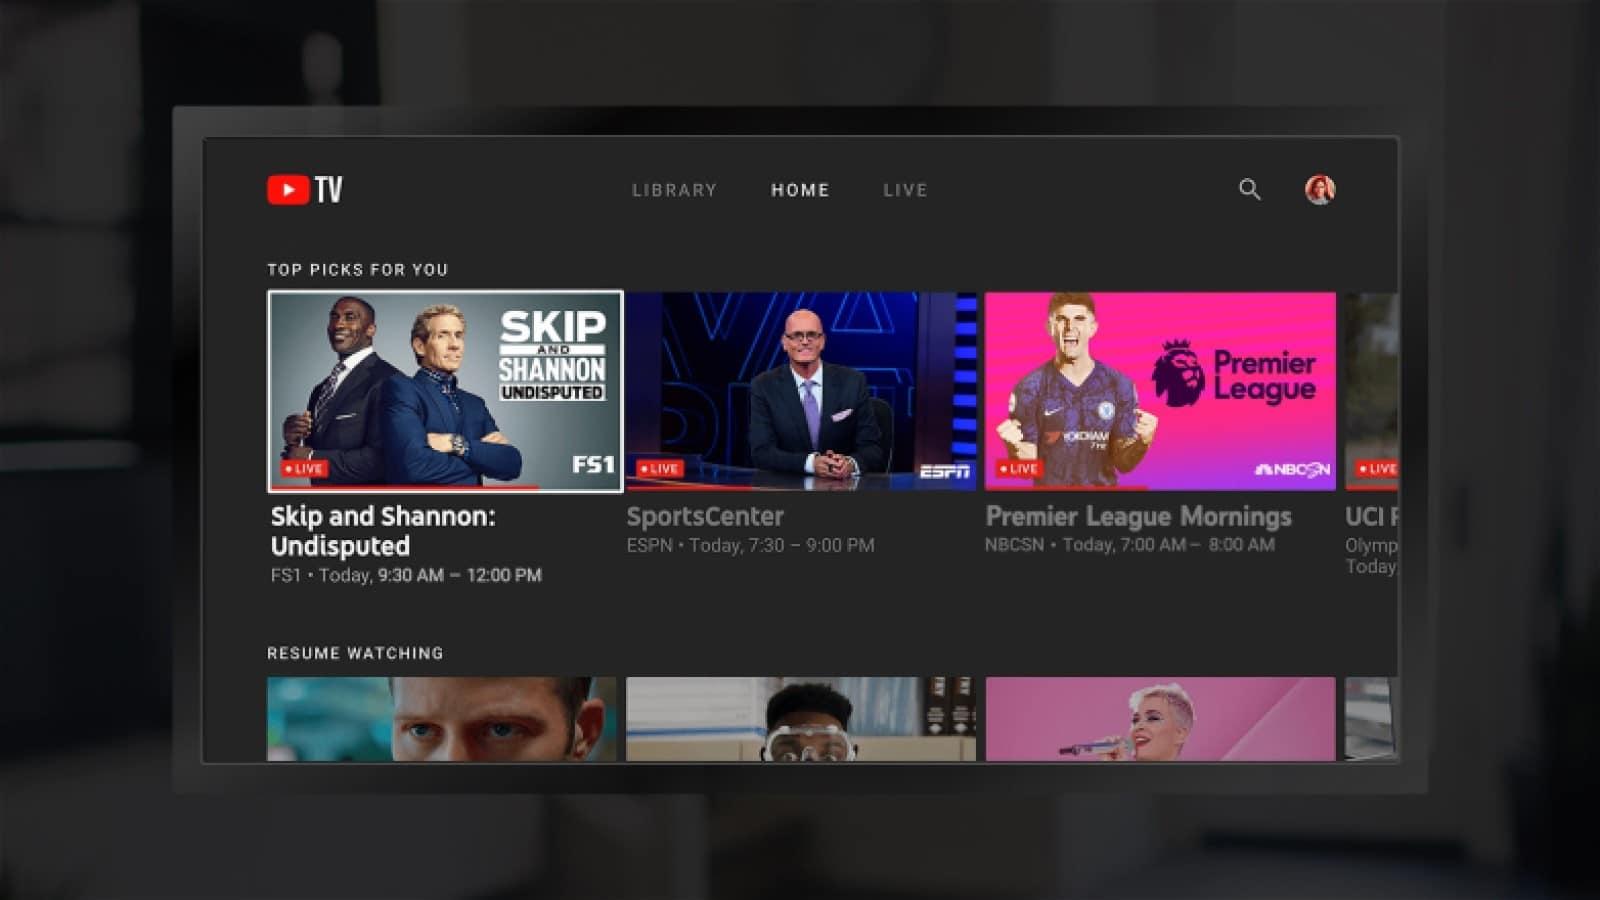 youtube tv dashboard on amazon device